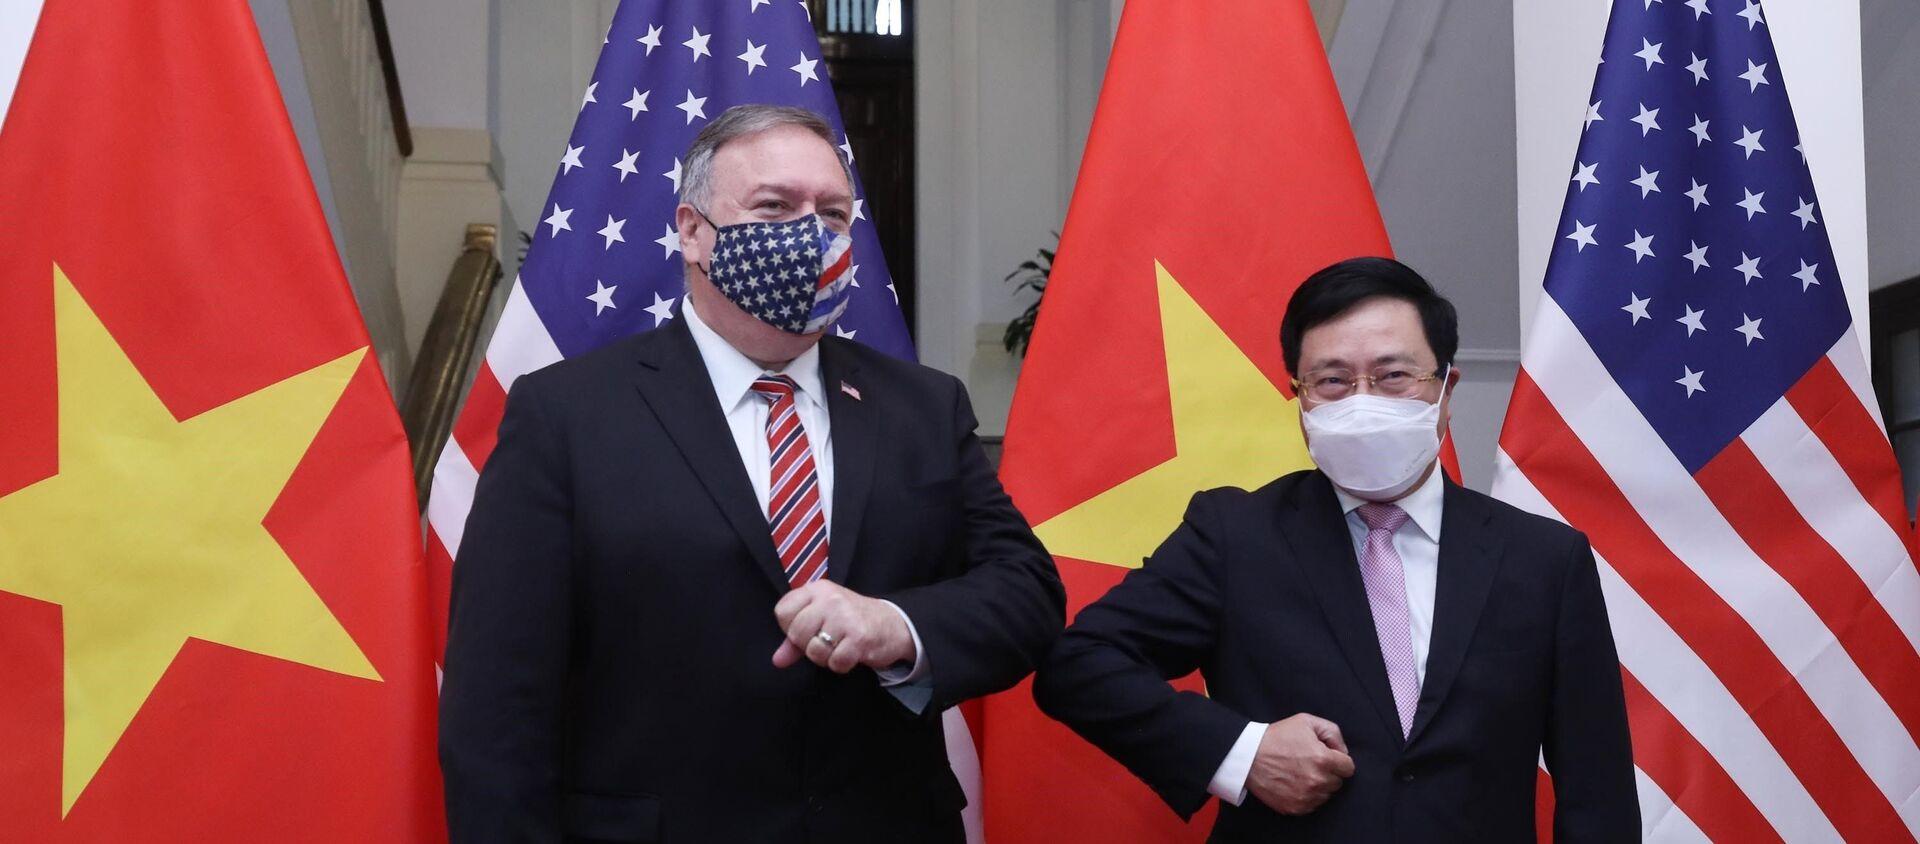 Phó Thủ tướng, Bộ trưởng Bộ Ngoại giao Phạm Bình Minh với Ngoại trưởng Hoa Kỳ Mike Pompeo. - Sputnik Việt Nam, 1920, 30.10.2020